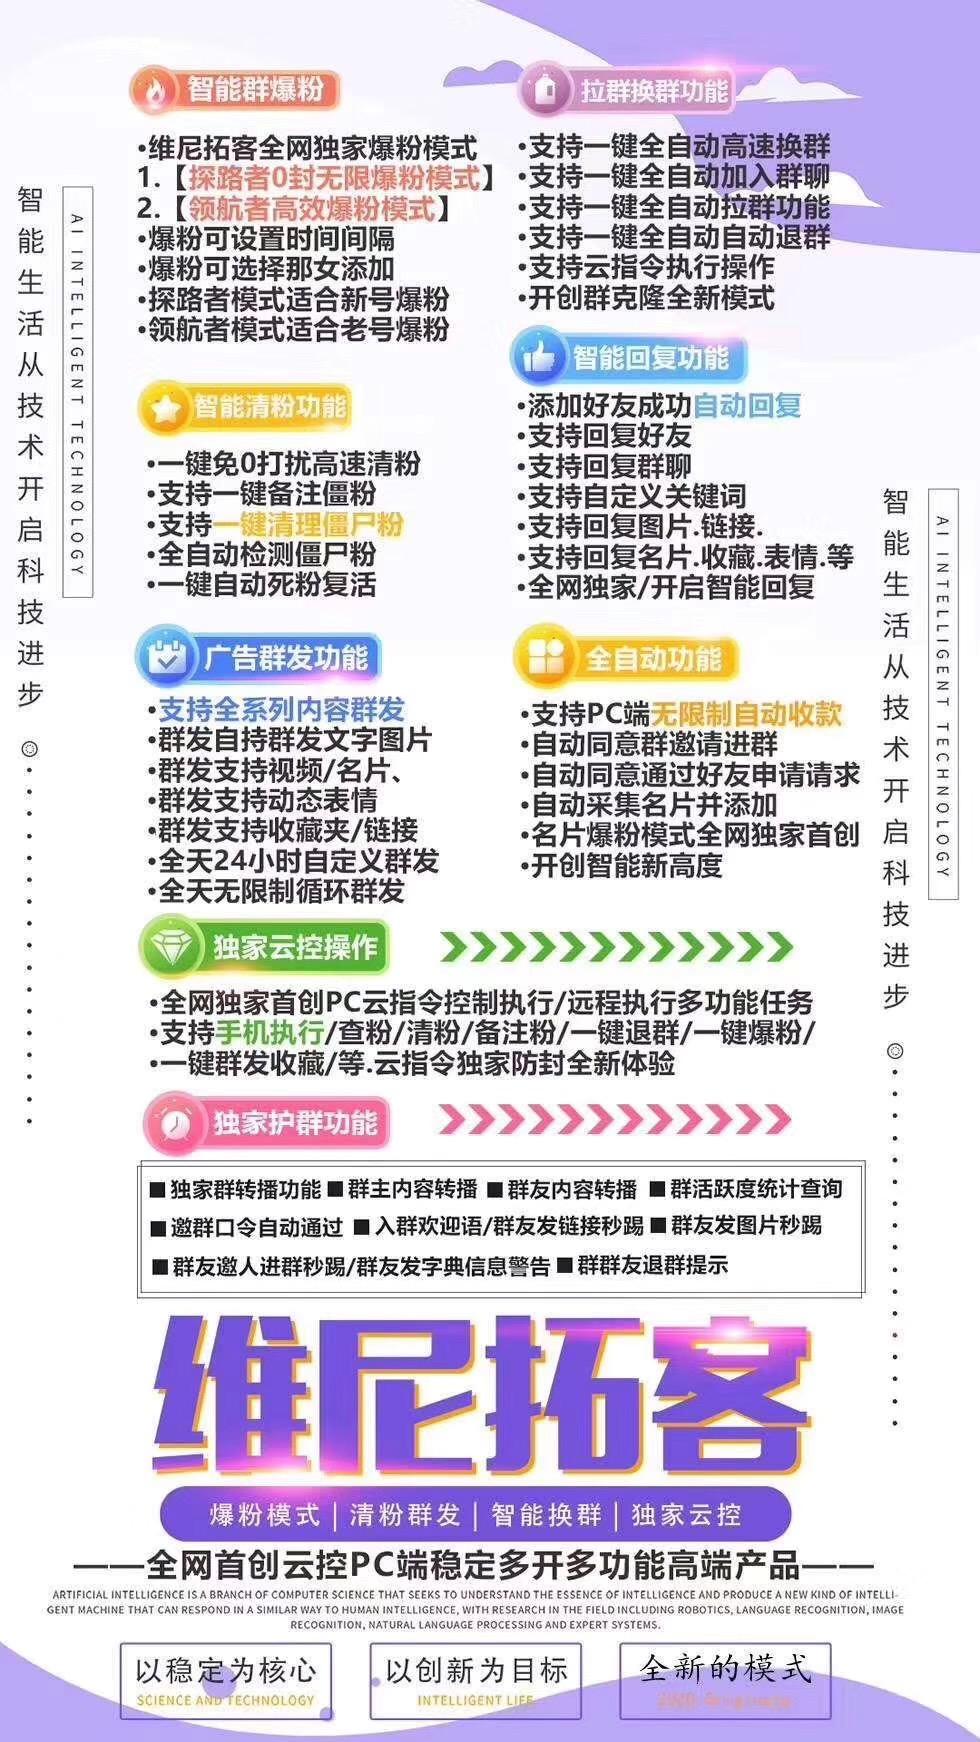 【维尼拓客官网】电脑版PC端新品微信营销综合软件首发版